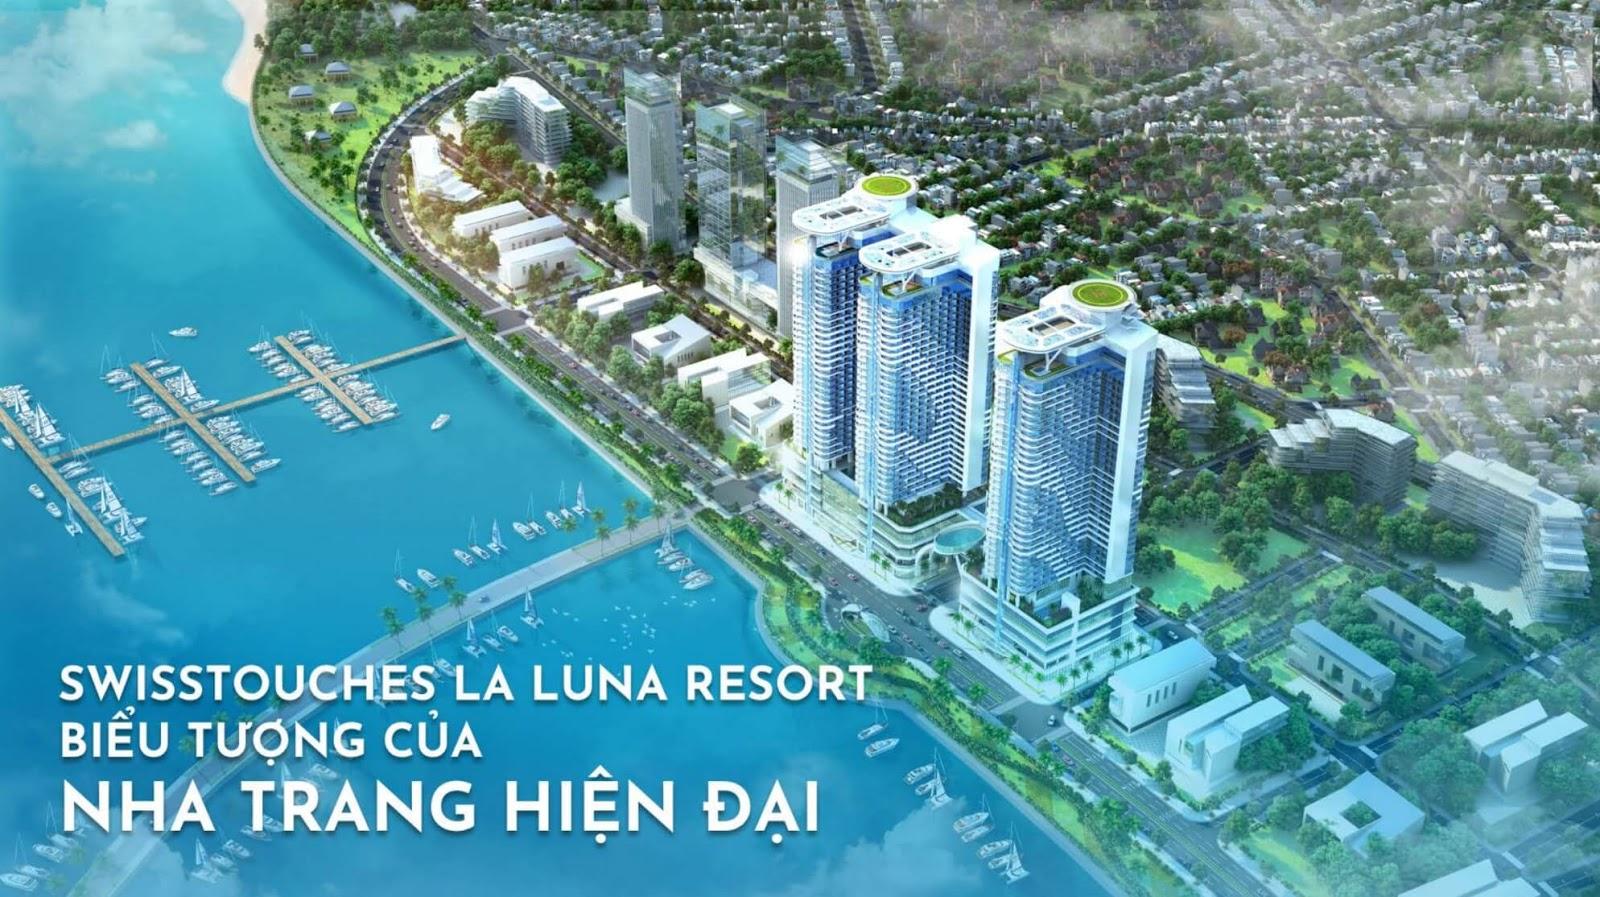 Khu nghỉ dưỡng 5 sao đẳng cấp Swisstouches La Luna Resort tại Nha Trang